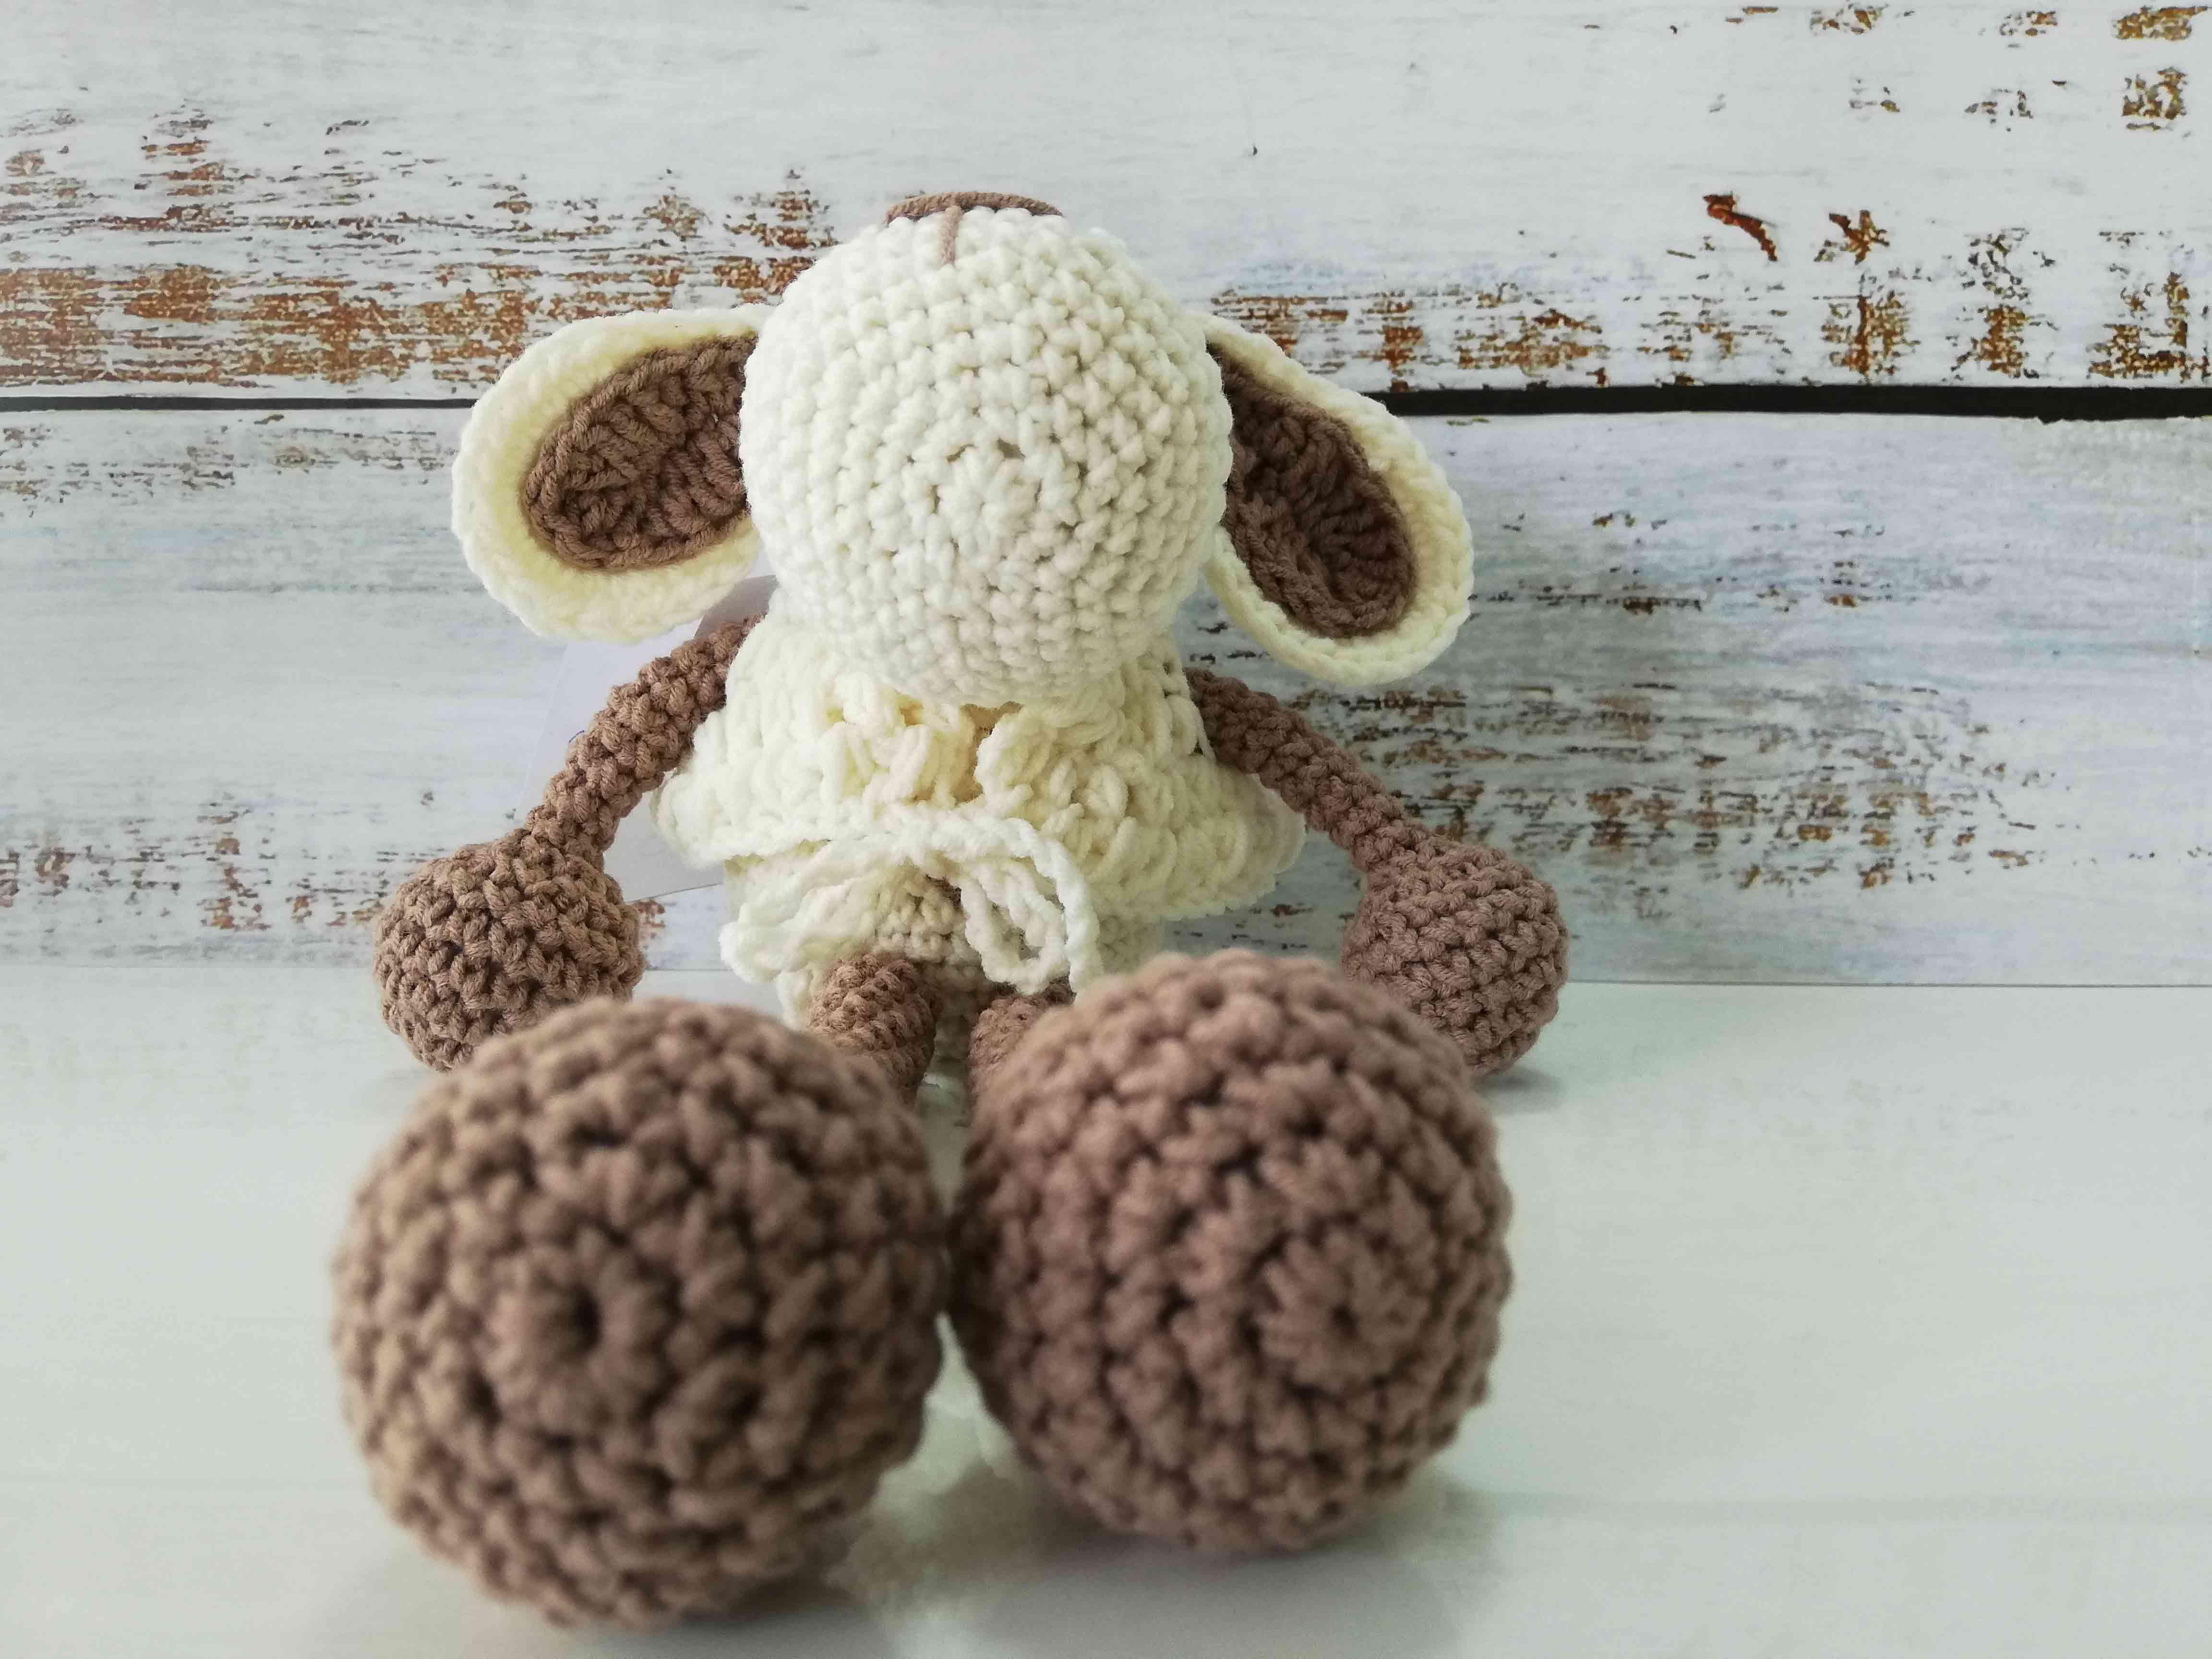 Sheep Wolli and Lamb Lucky amigurumi pattern - Amigurumipatterns.net | 3456x4608